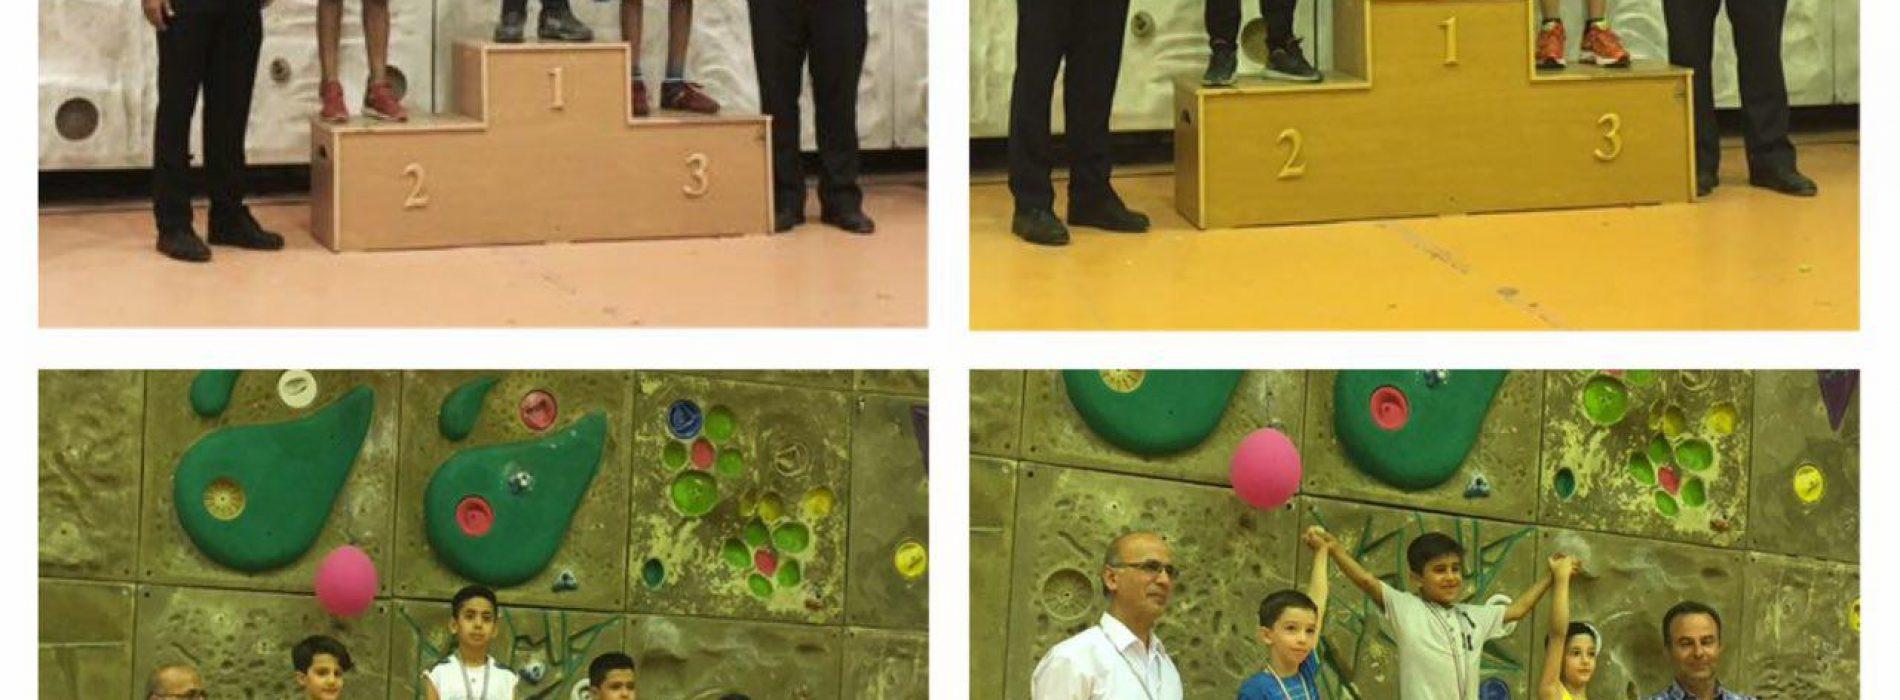 نتایج چهارمین دوره مسابقات سنگنوردی قهرمانی کشور نونهالان و نوجوانان / شاهرود